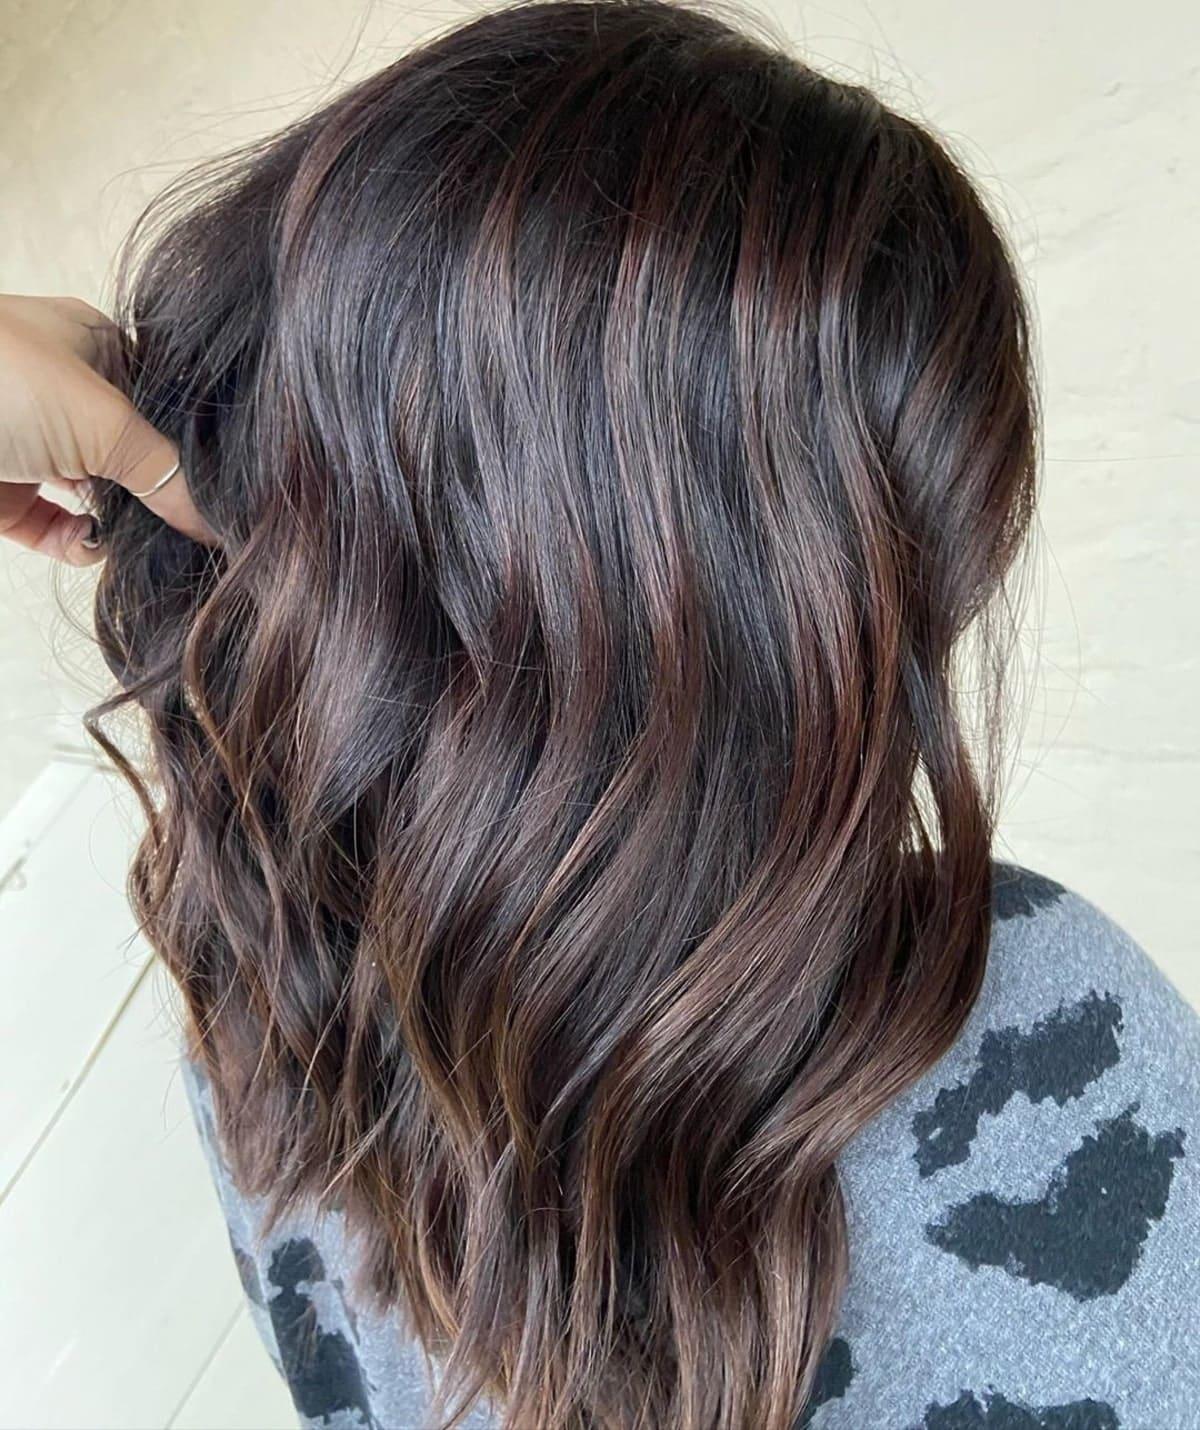 mèches brun chocolat sur cheveux noirs